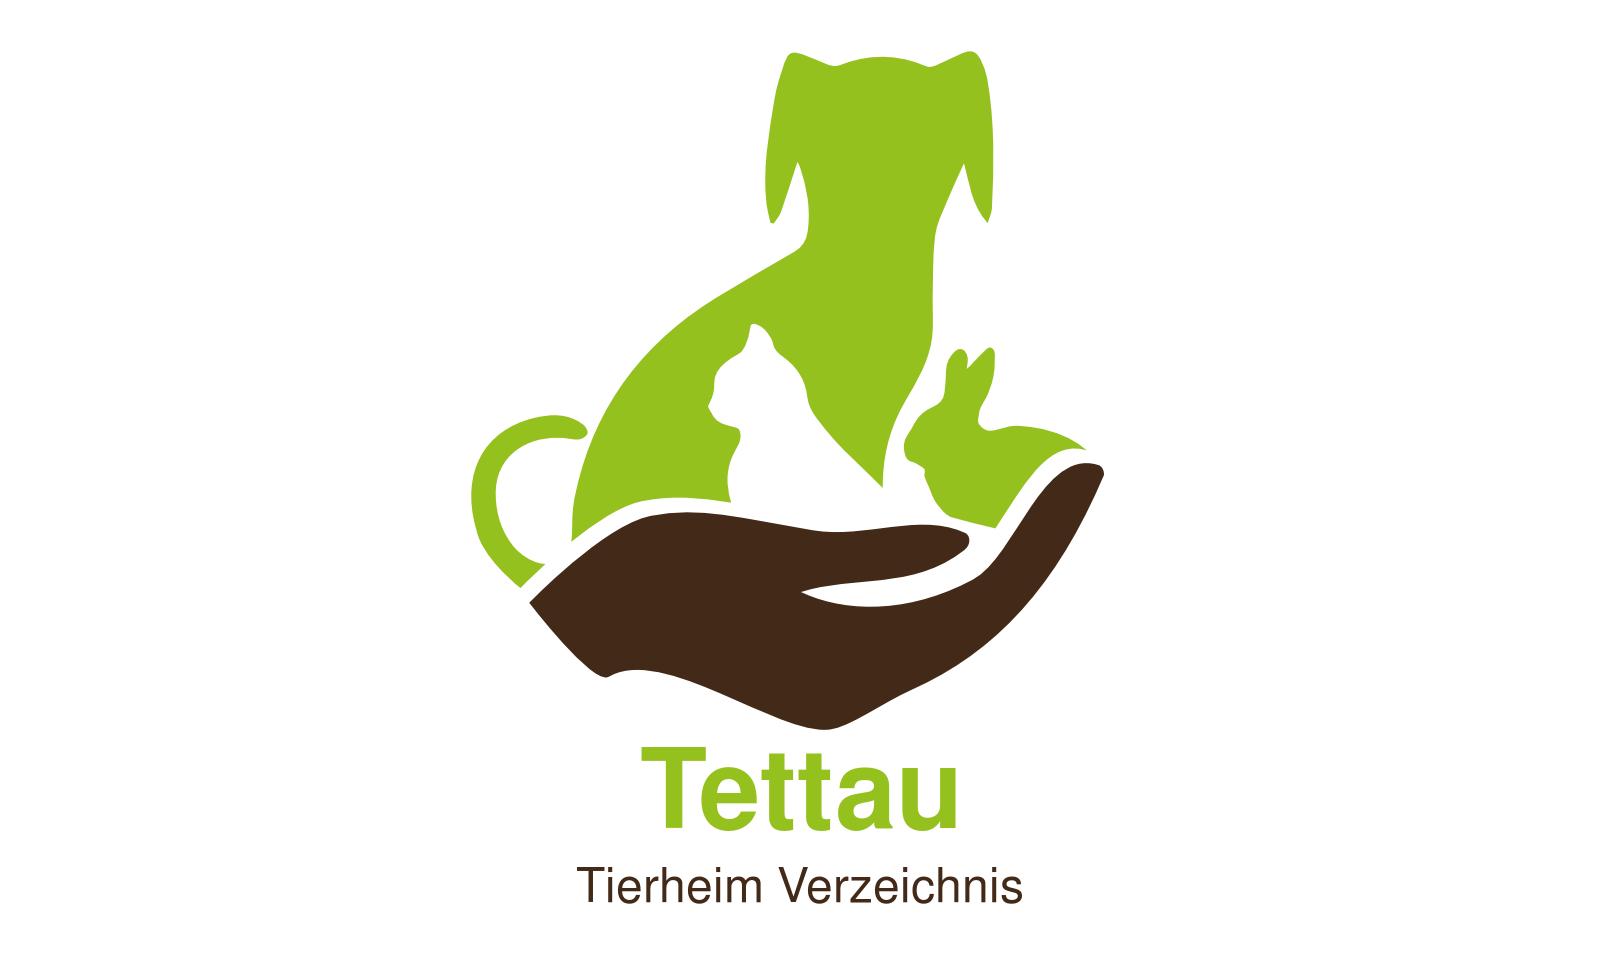 Tierheim Tettau